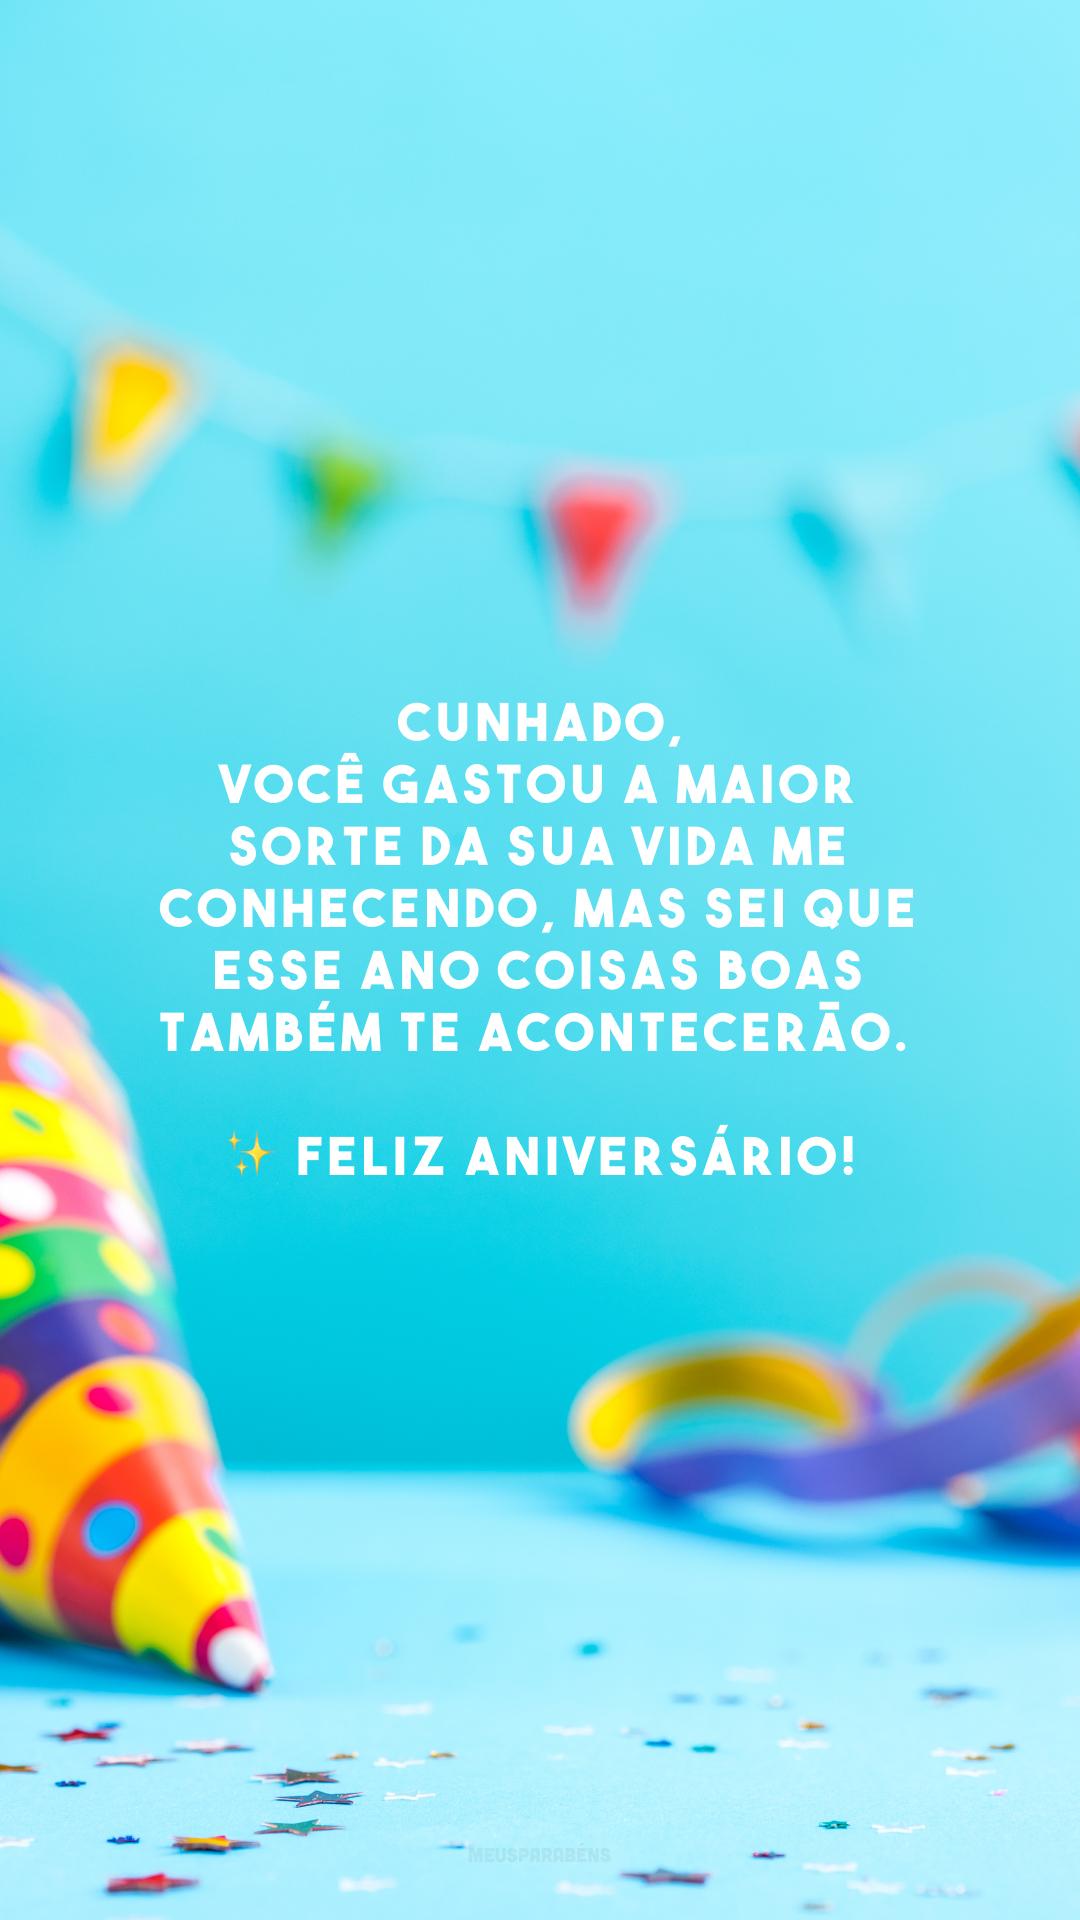 Cunhado, você gastou a maior sorte da sua vida me conhecendo, mas sei que esse ano coisas boas também te acontecerão. ✨ Feliz aniversário!